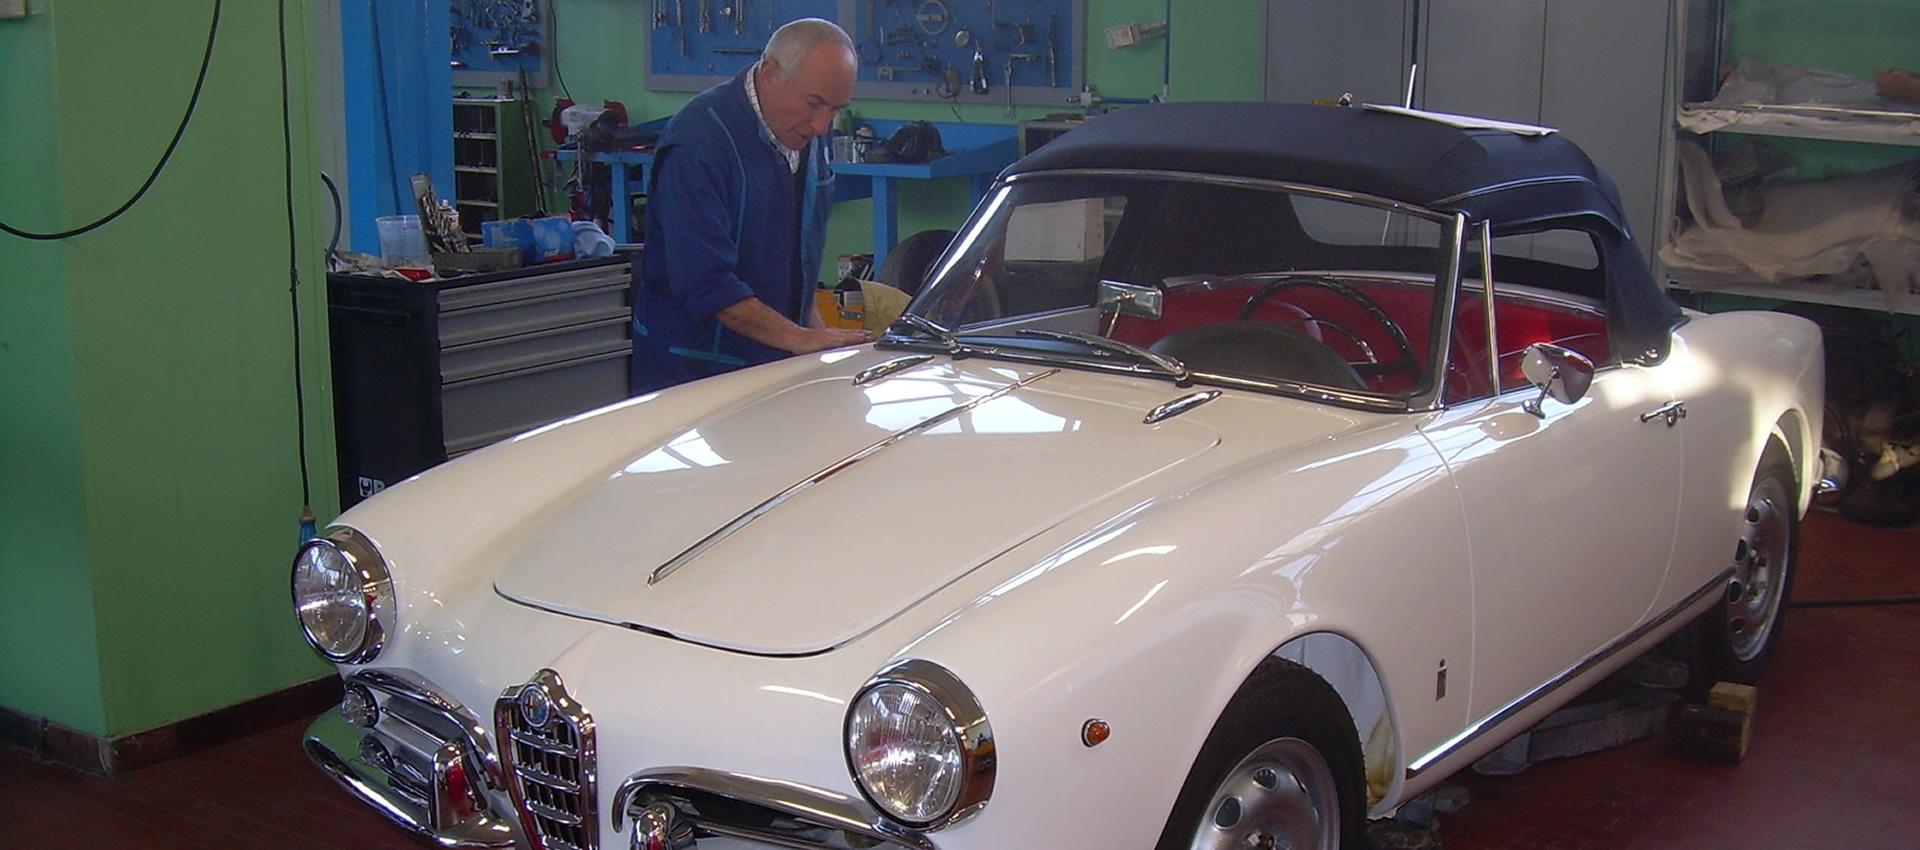 passione_restauro_auto